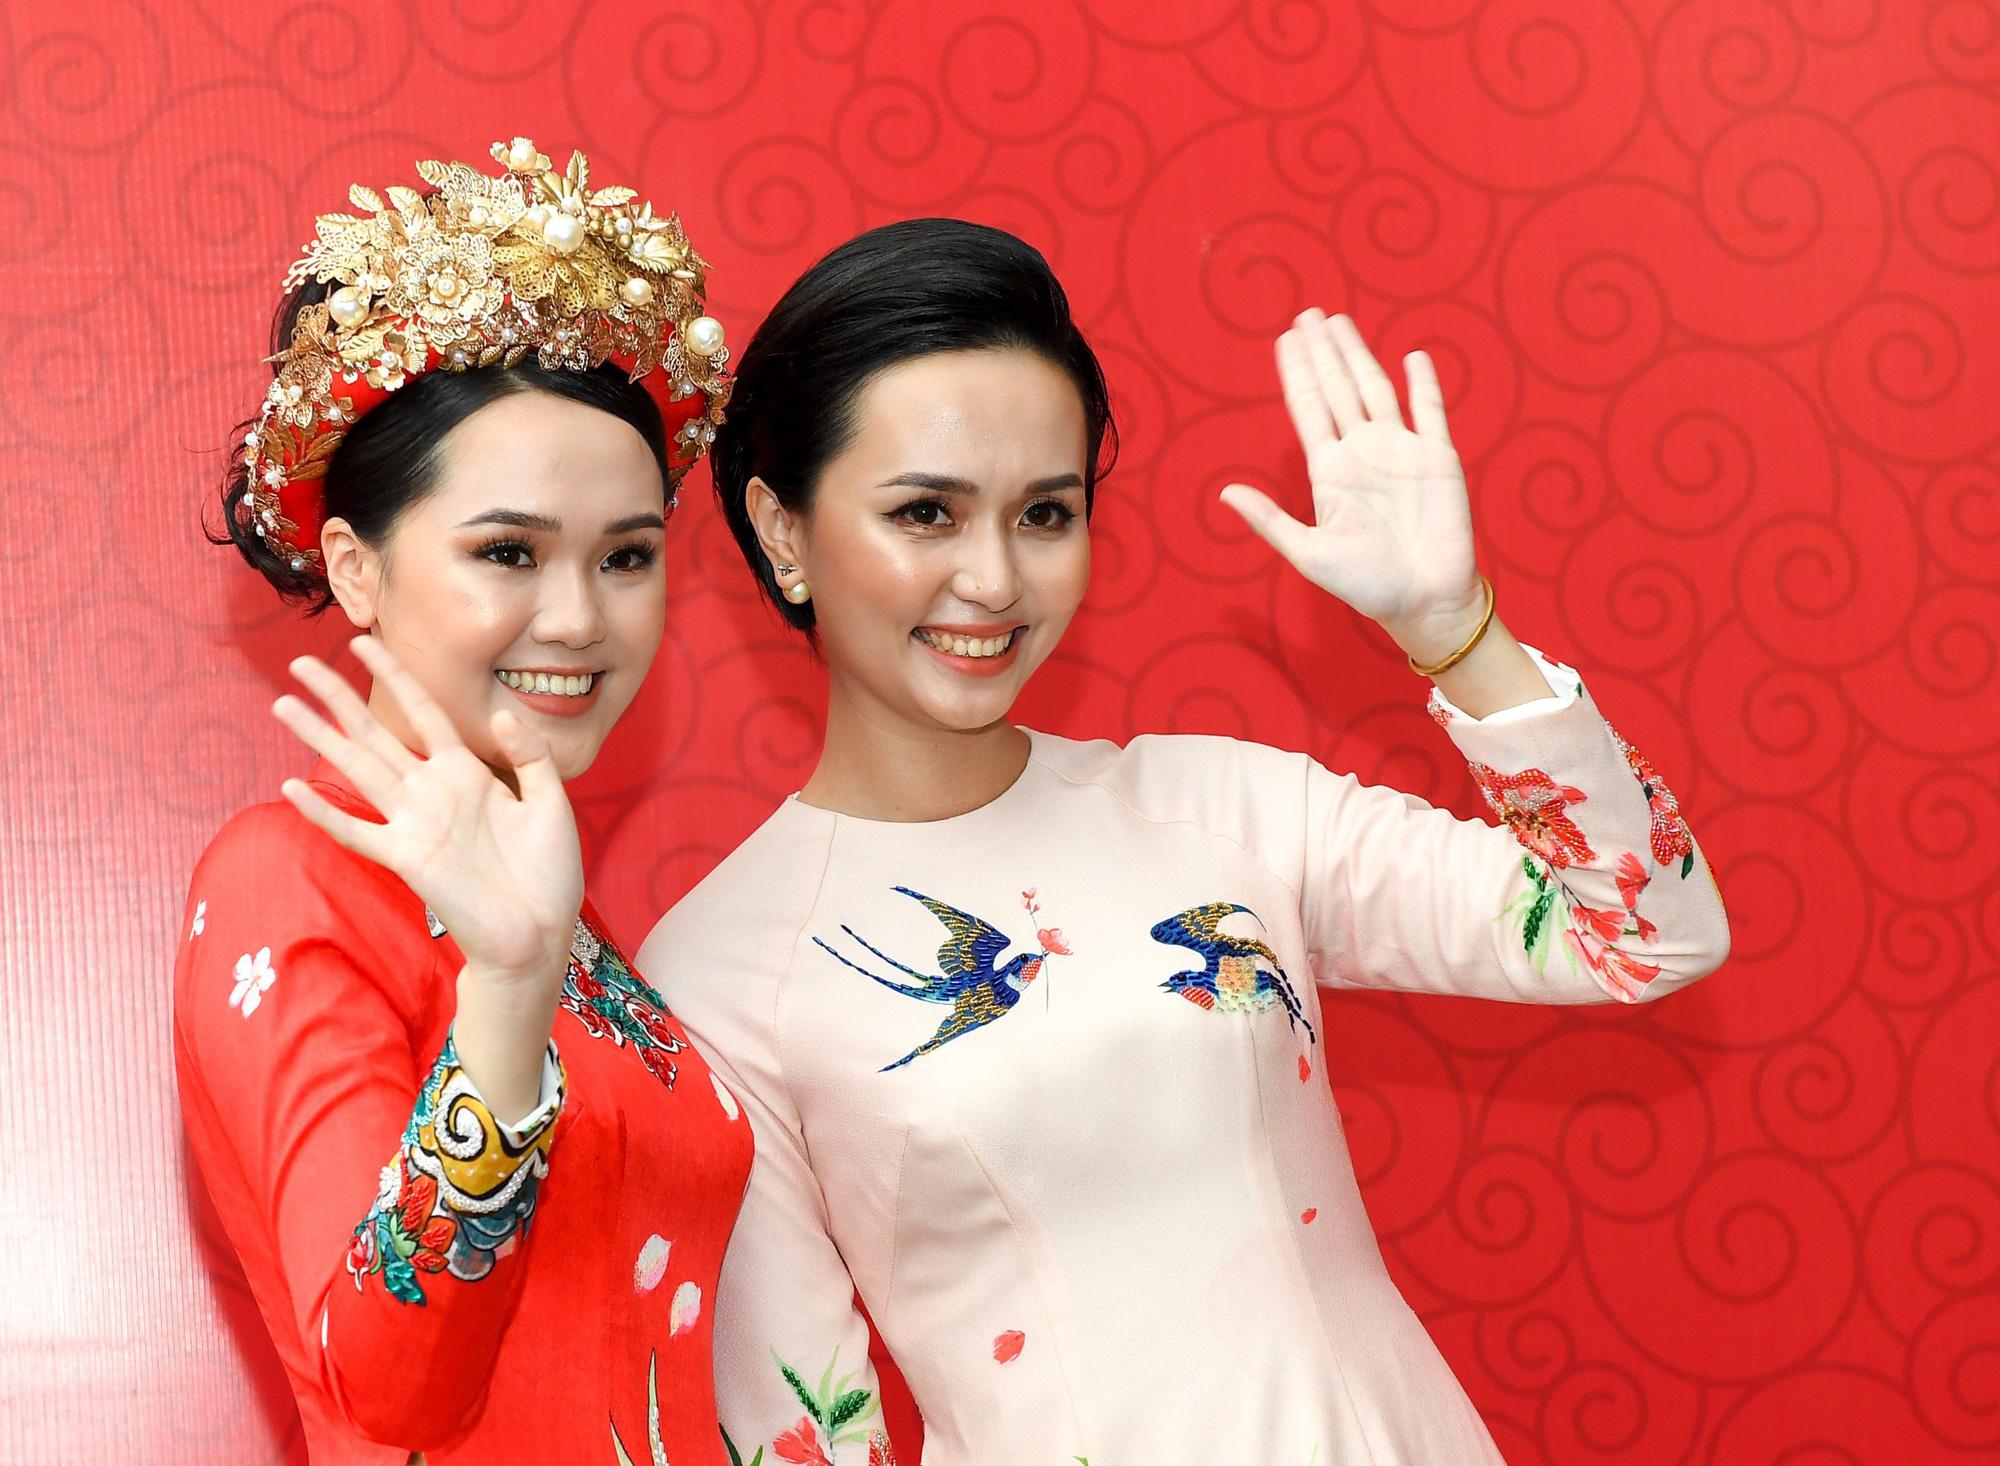 6 nàng WAGs Việt Nam nổi tiếng giàu có: Con đại gia, kiếm 100 tỷ/năm - Ảnh 3.